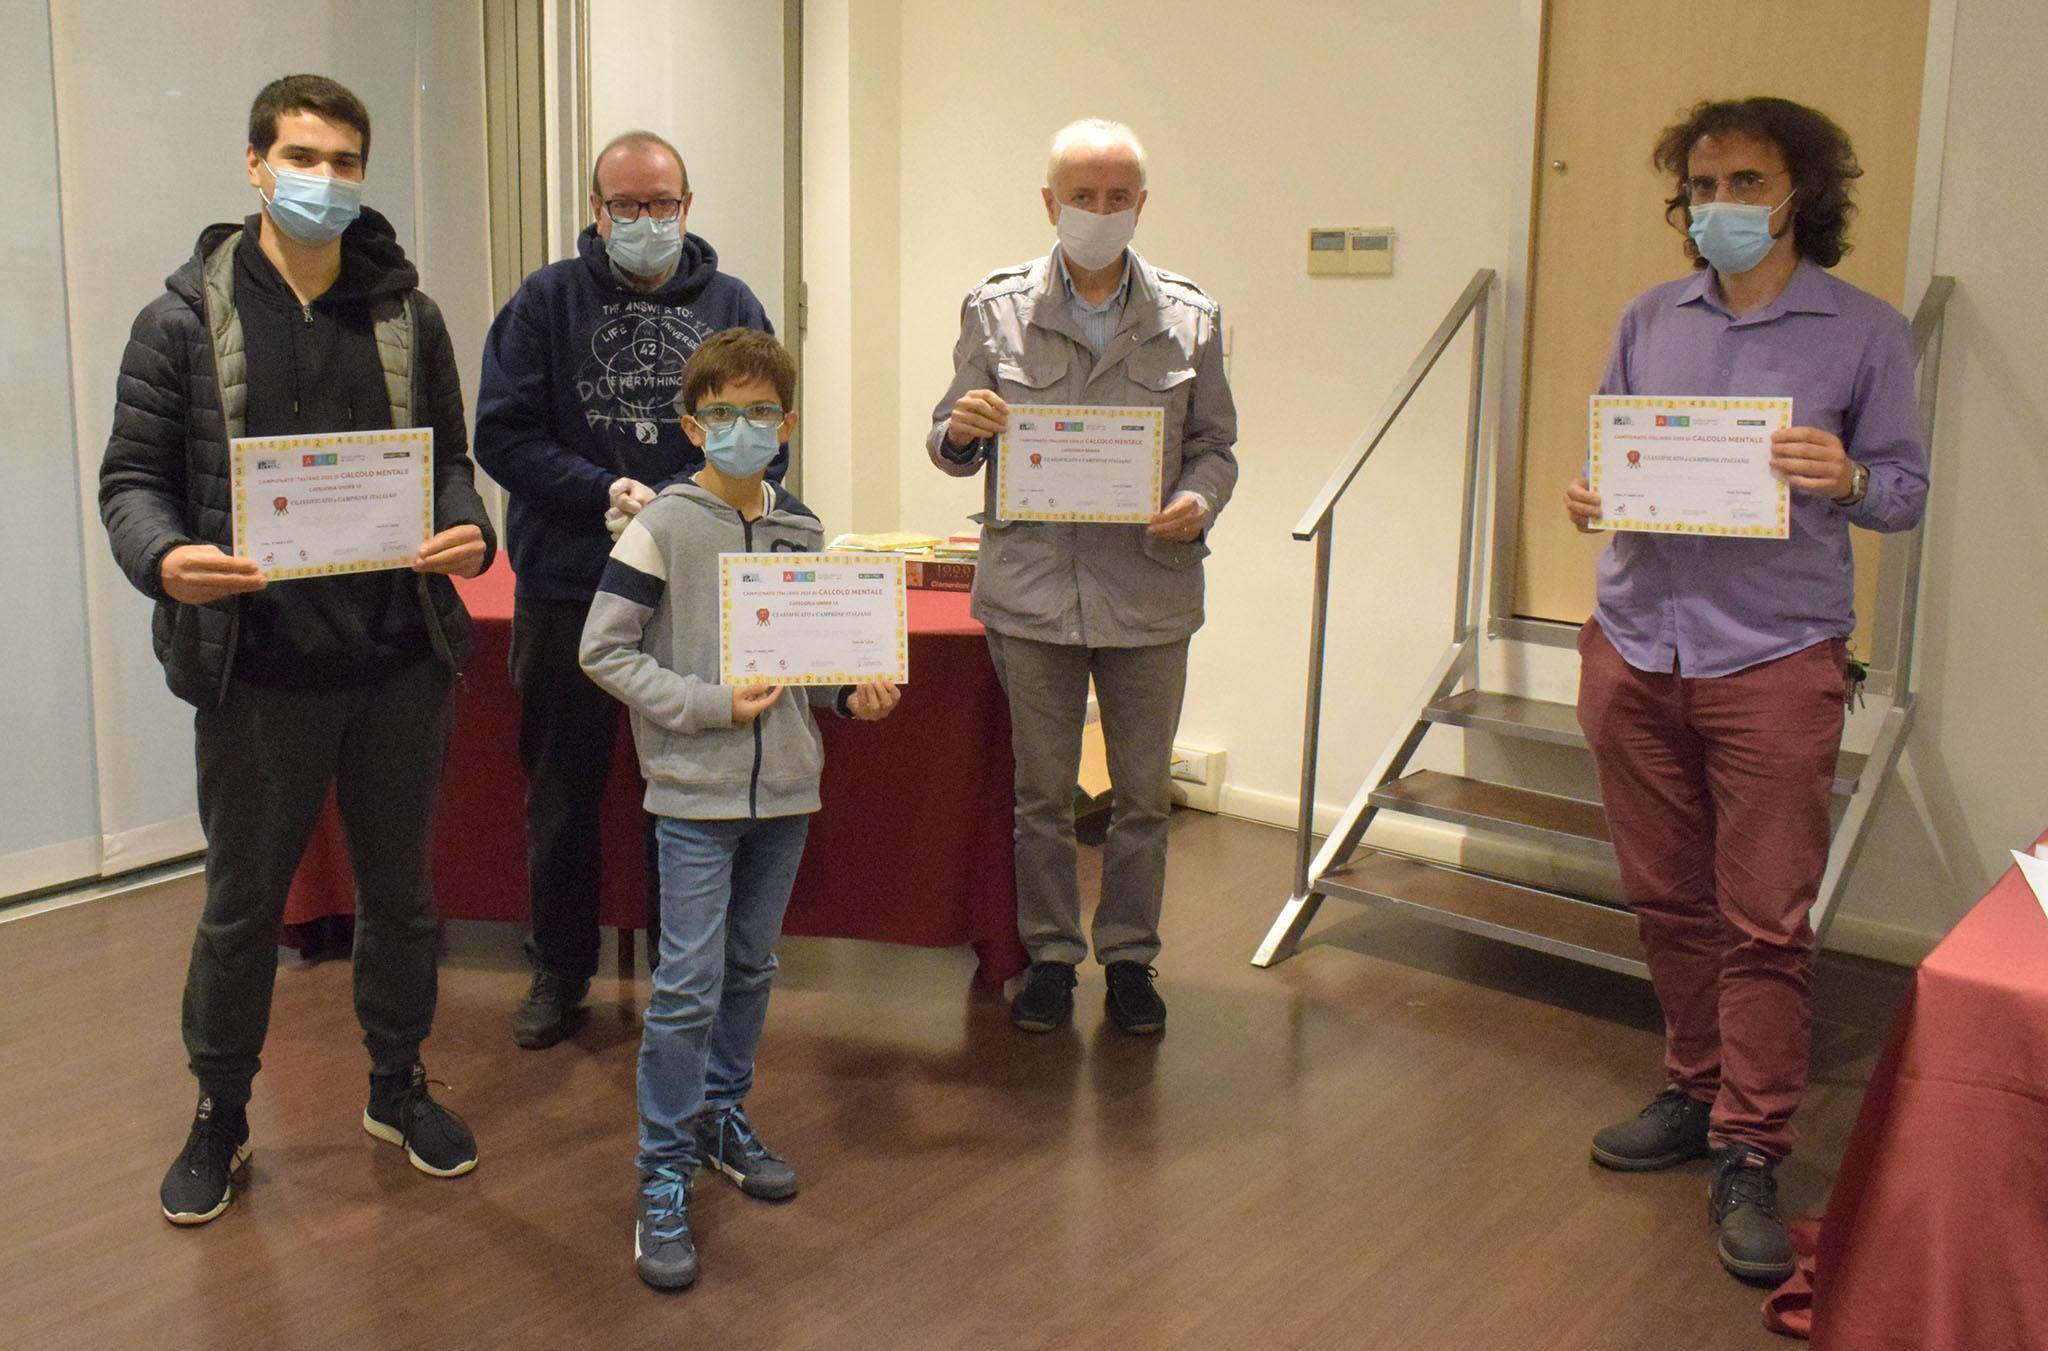 I campioni italiani di calcolo mentale 2020: da sx, Alberto Pola (Under 18), Cristiano D'Andrea (Under 14), Denis Turello (Senior) e Domenico Mancuso (Assoluto)